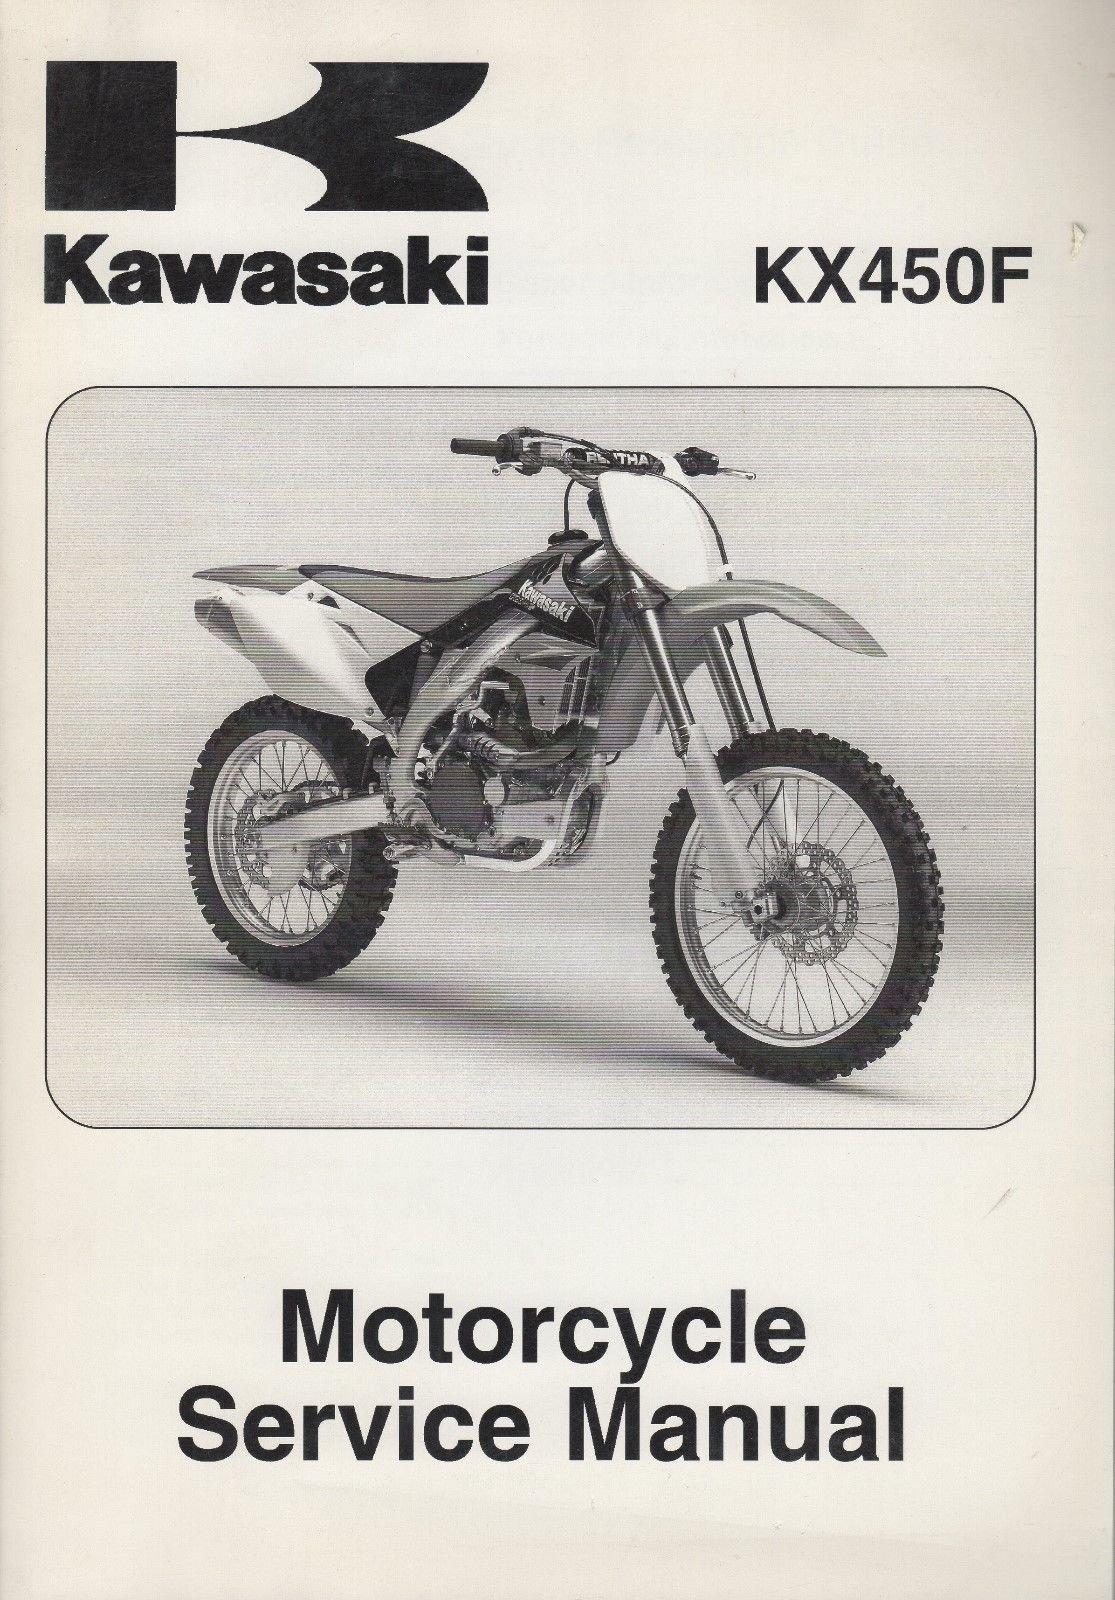 2006 2007 kawasaki motorcycle kx450f service manual 99924 1355 02 rh amazon  com 2007 kx450f repair manual 2007 kx450f manual pdf